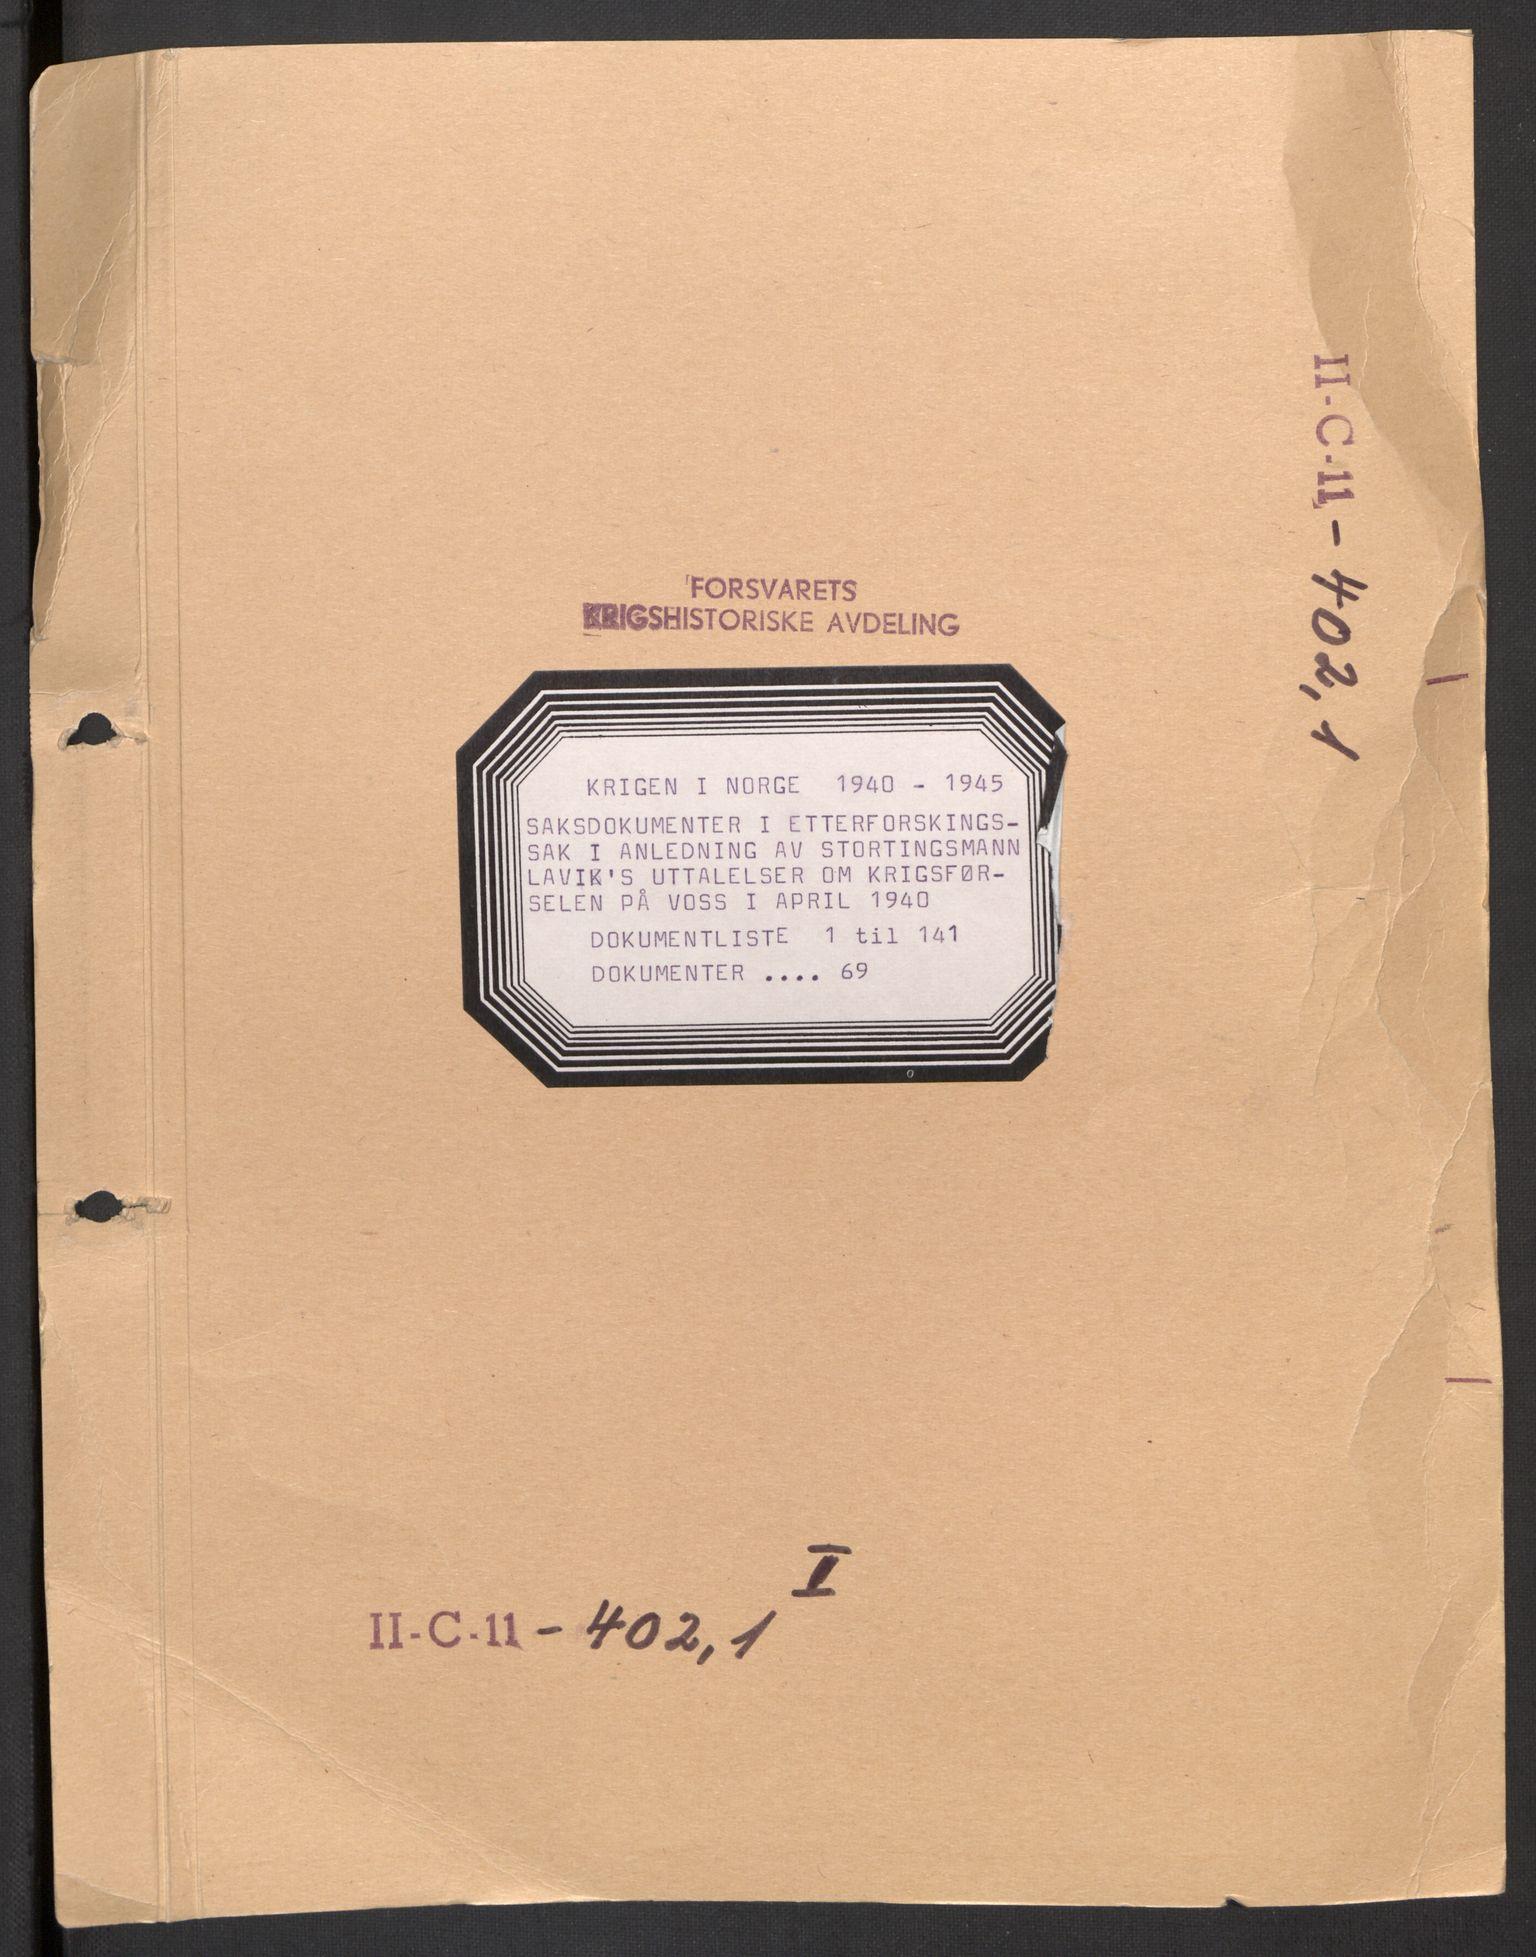 RA, Forsvaret, Forsvarets krigshistoriske avdeling, Y/Yb/L0101: II-C-11-402  -  4. Divisjon., 1946-1948, s. 1